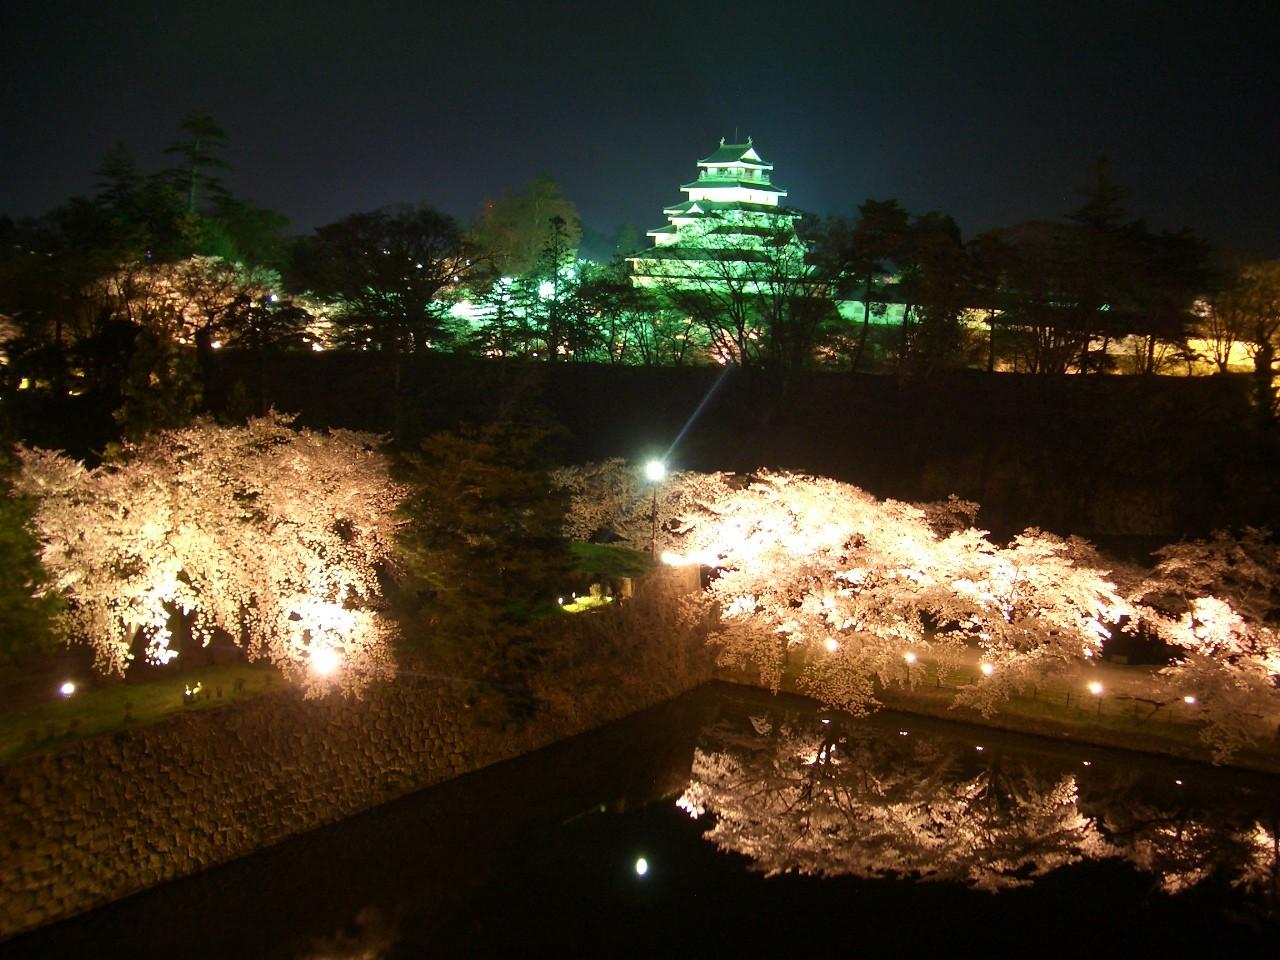 ライトアップされた鶴ヶ城、手前の桜もきれいです。